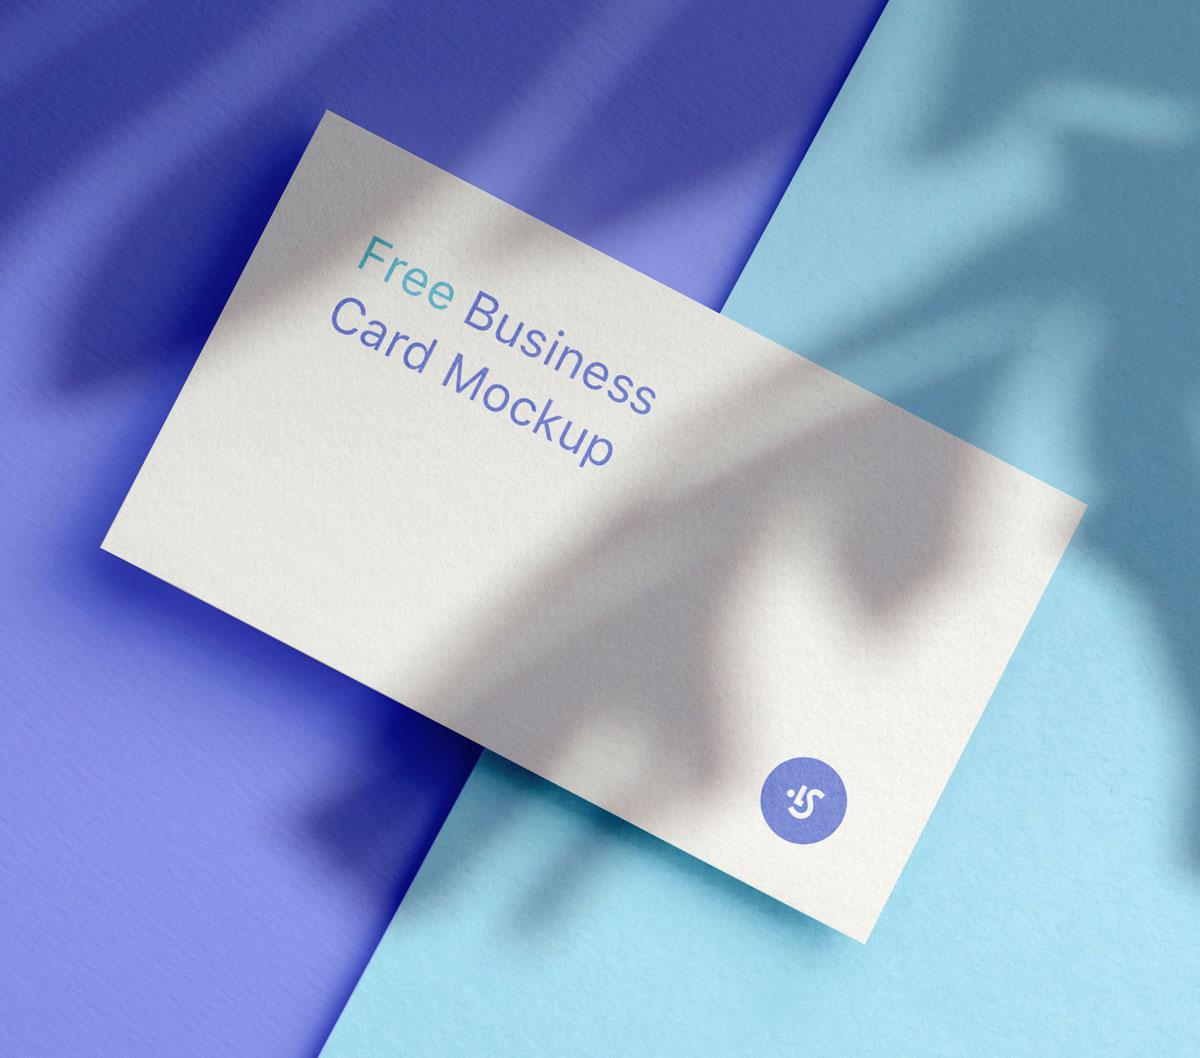 企业品牌设计商务名片展示样机模板 Business Card Mockup插图